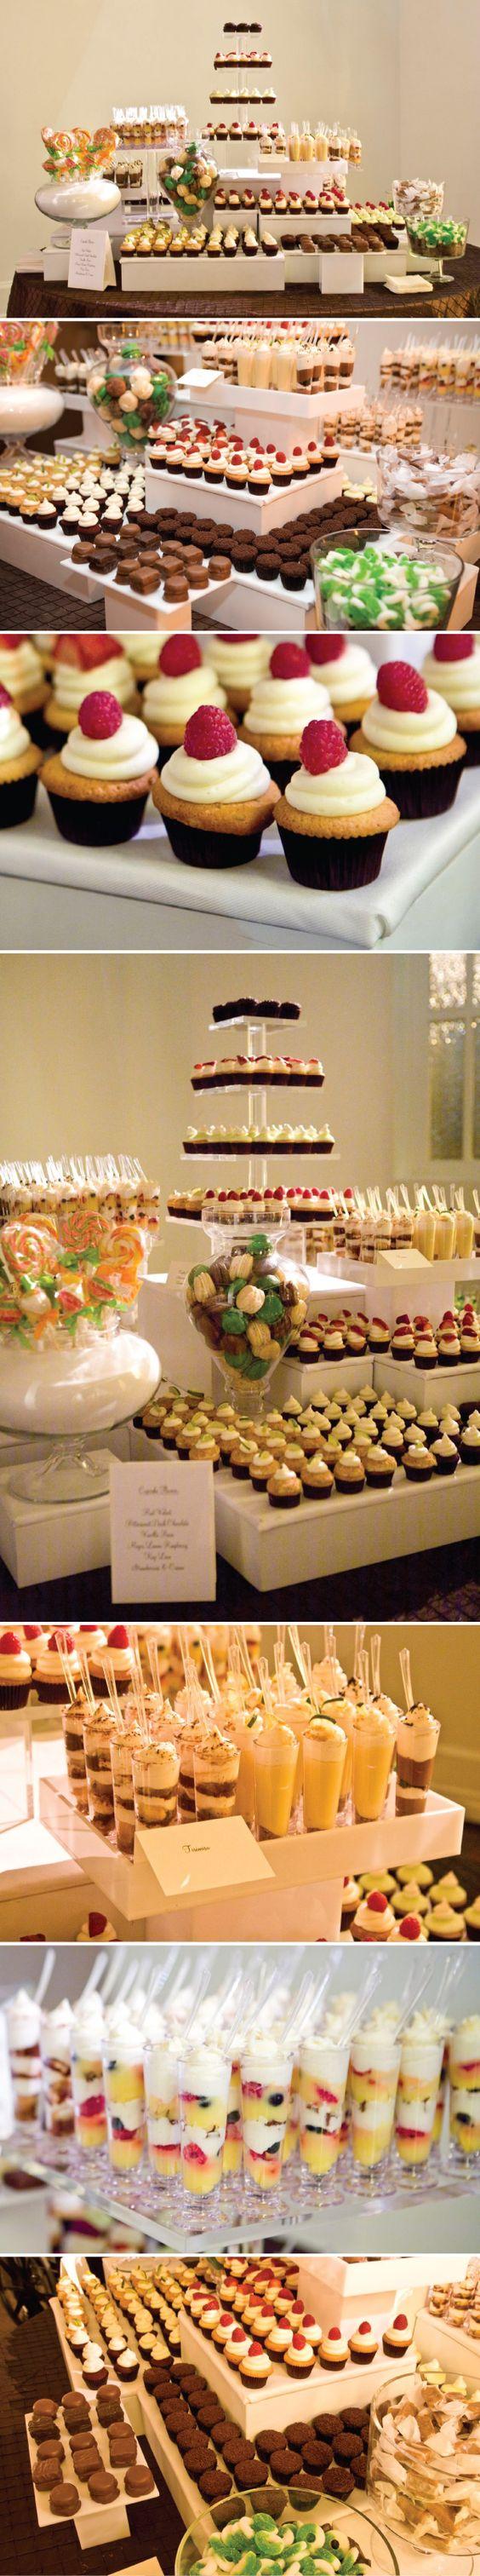 33 ideas de mesas de postres elegantes para xv años - Ideas para Fiestas de  quinceañera - Vestidos de 15 años invitaciones de quinceañera